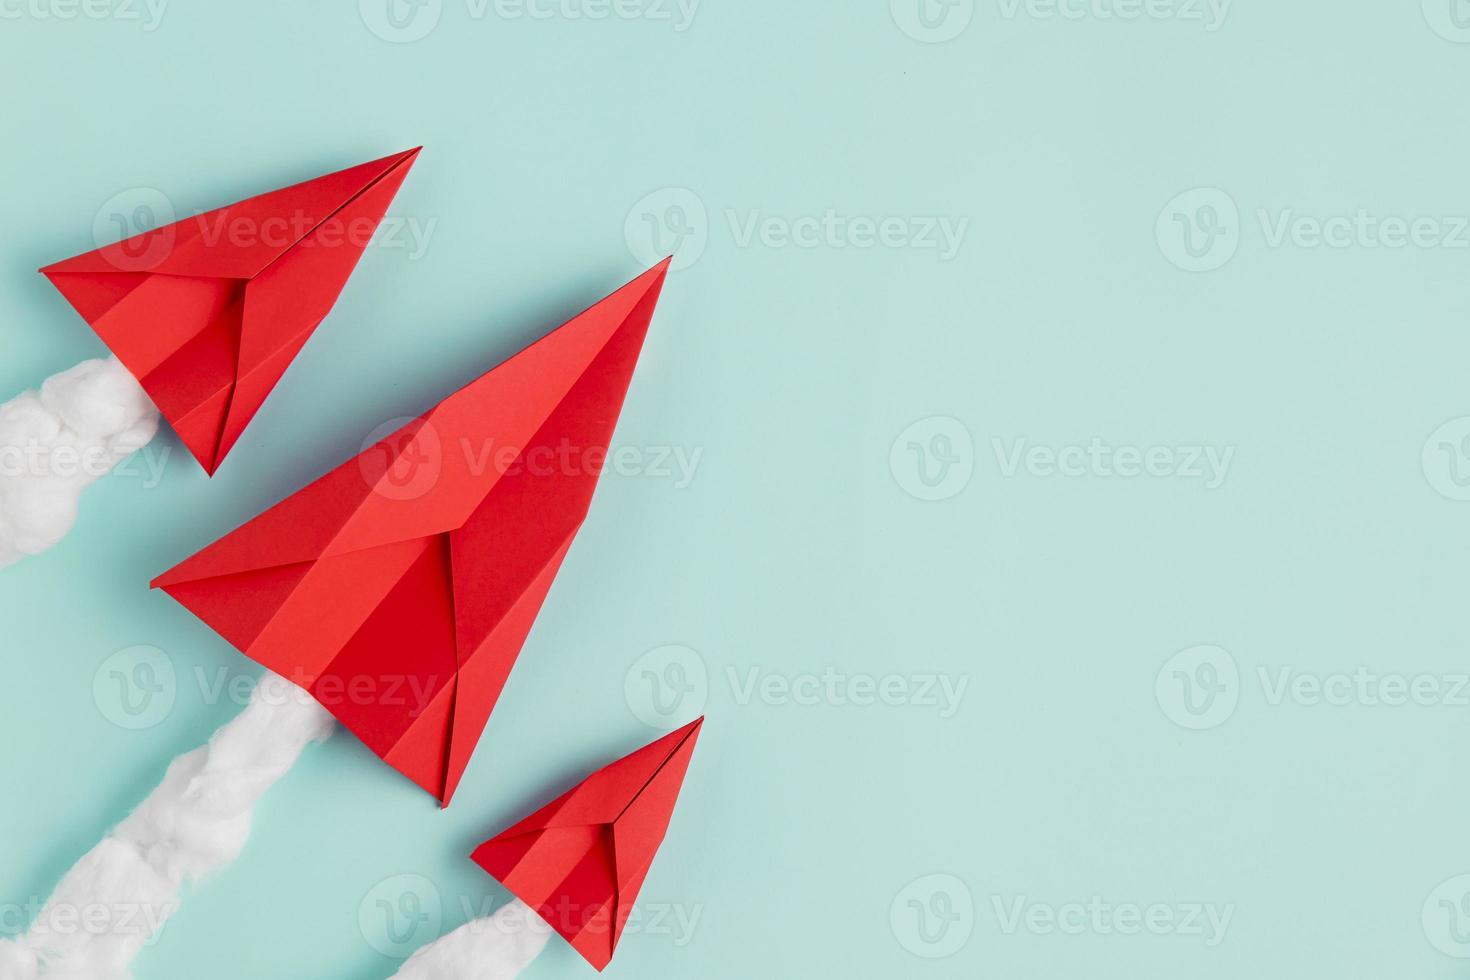 copia spazio aeroplani di carta su sfondo verde blu foto